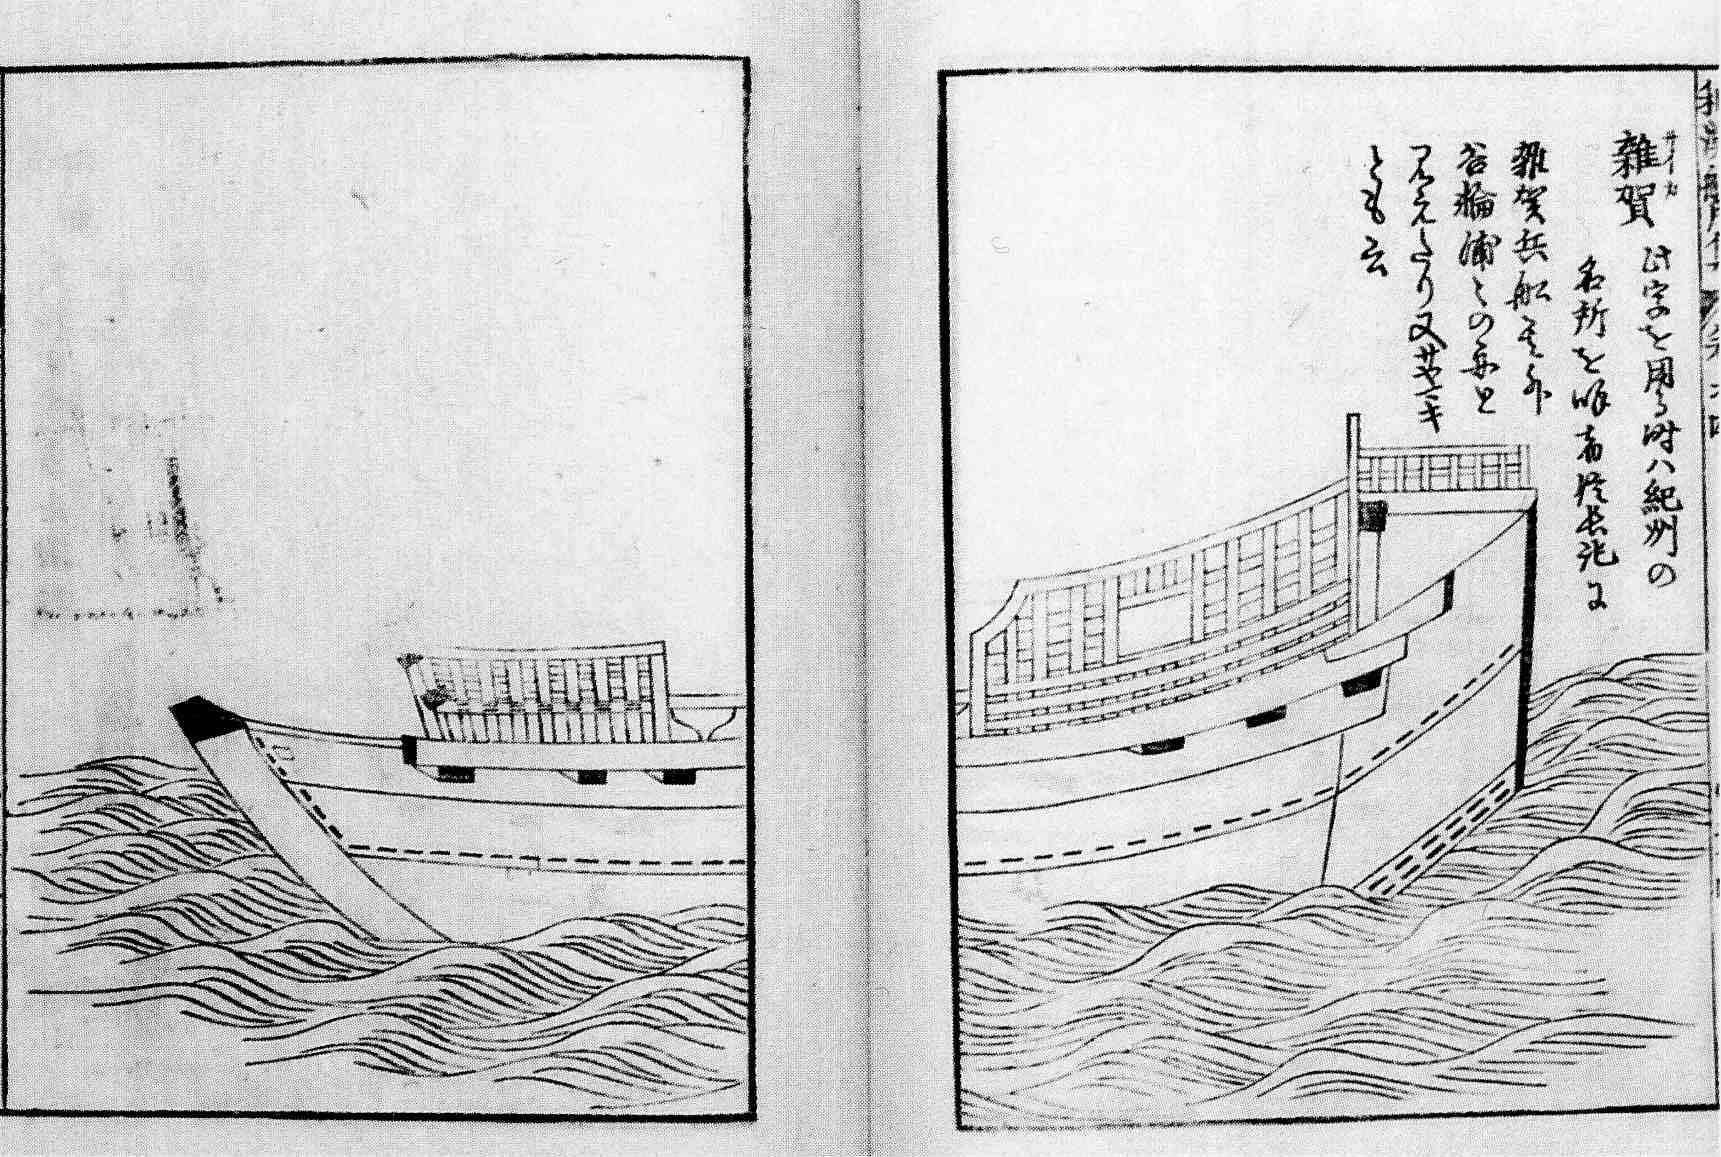 垣 廻船 菱